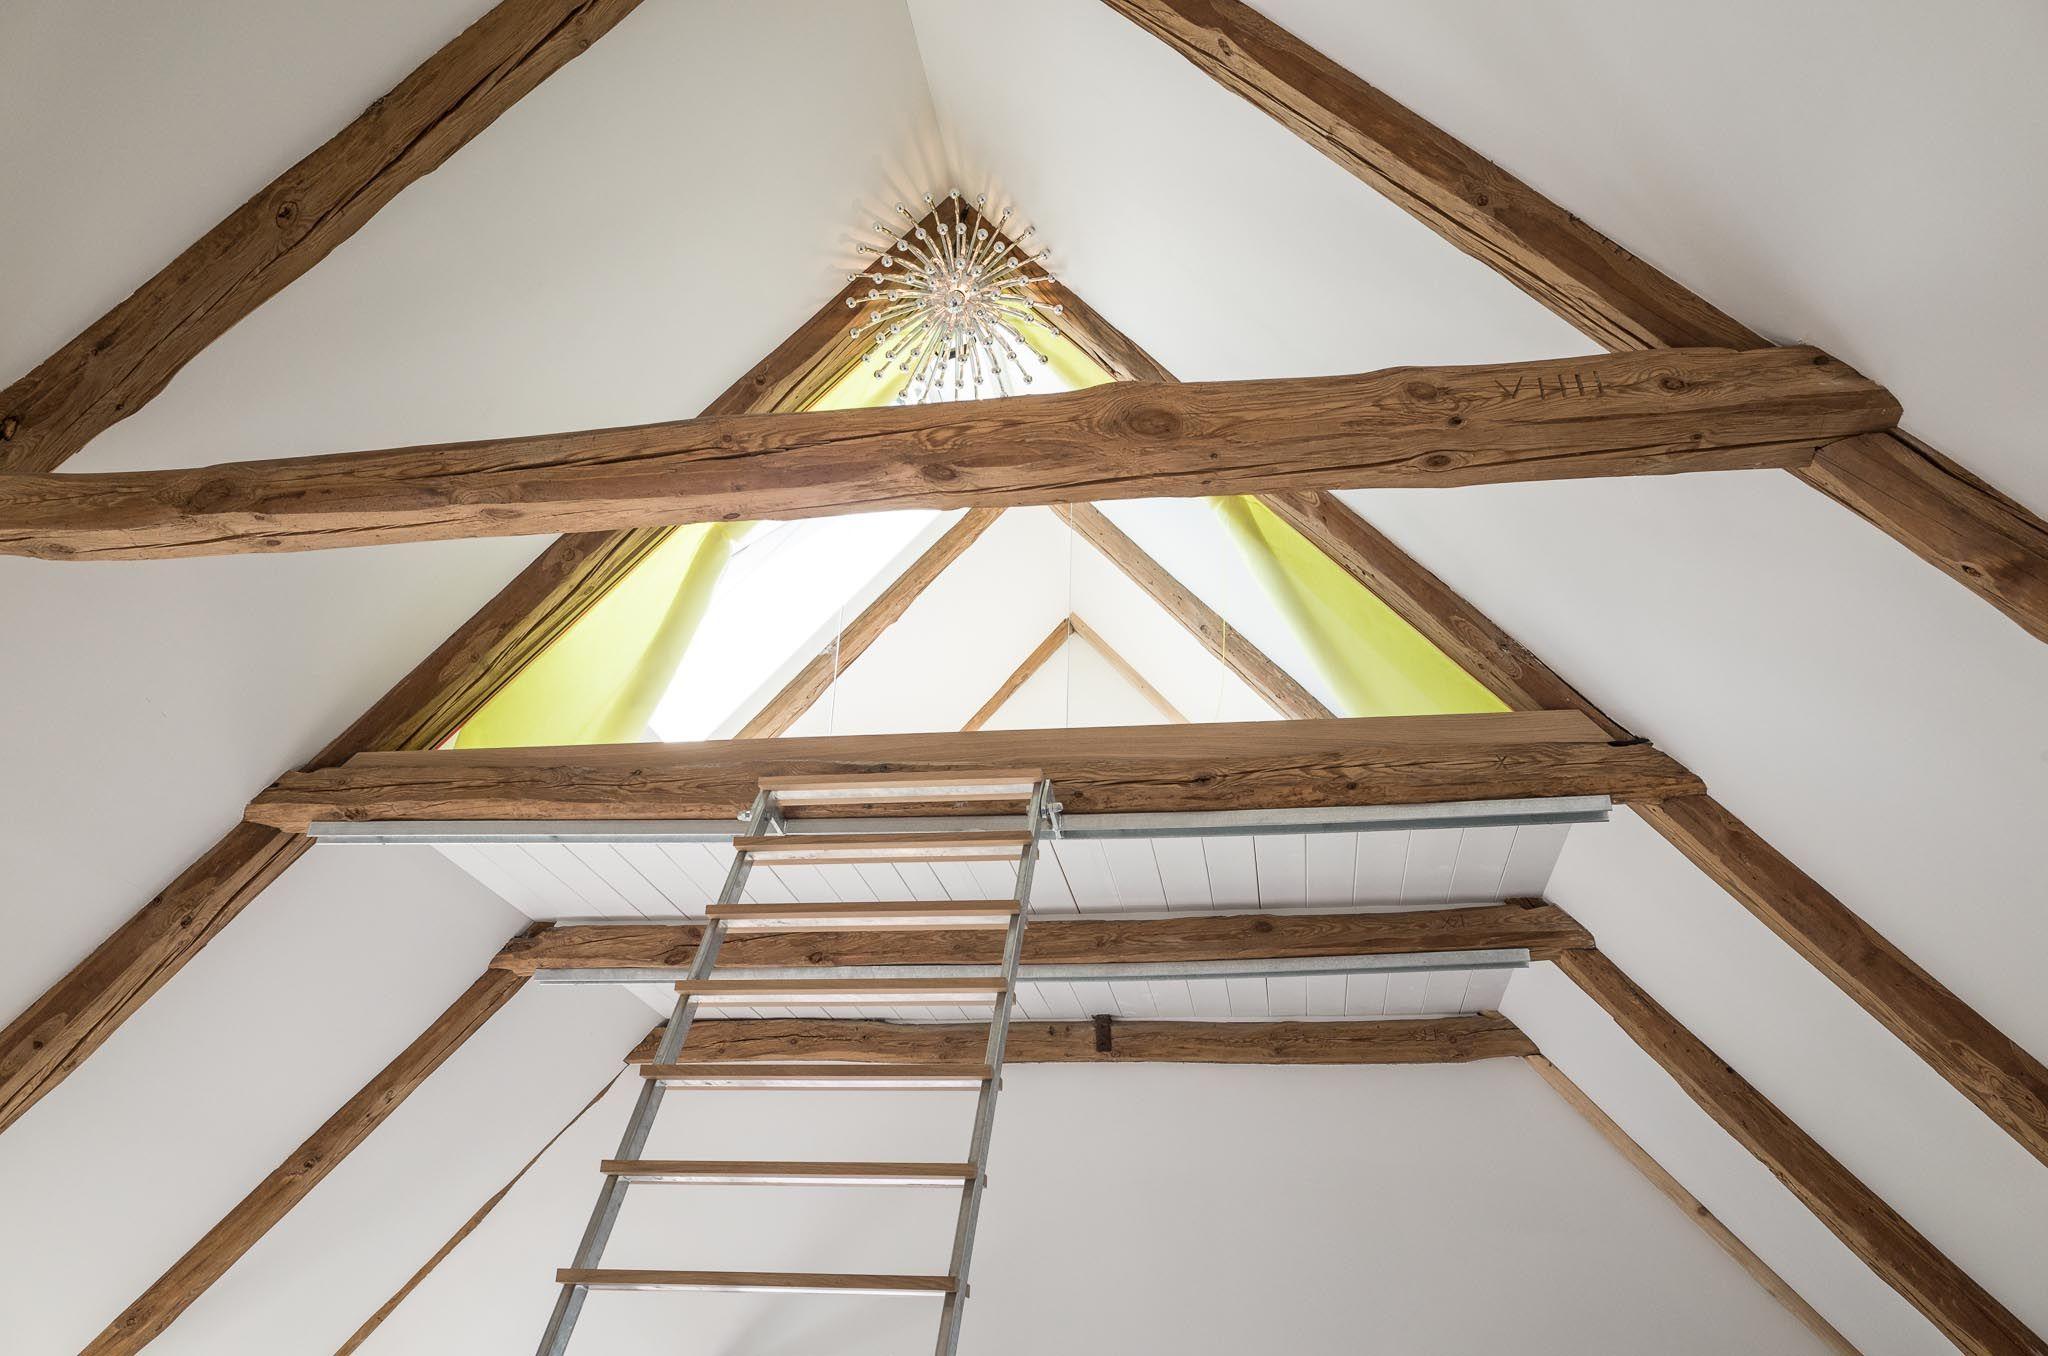 Dachboden Schlafzimmer ~ Ausguck vogelkoje dachboden schlafzimmer spitzboden holzboden